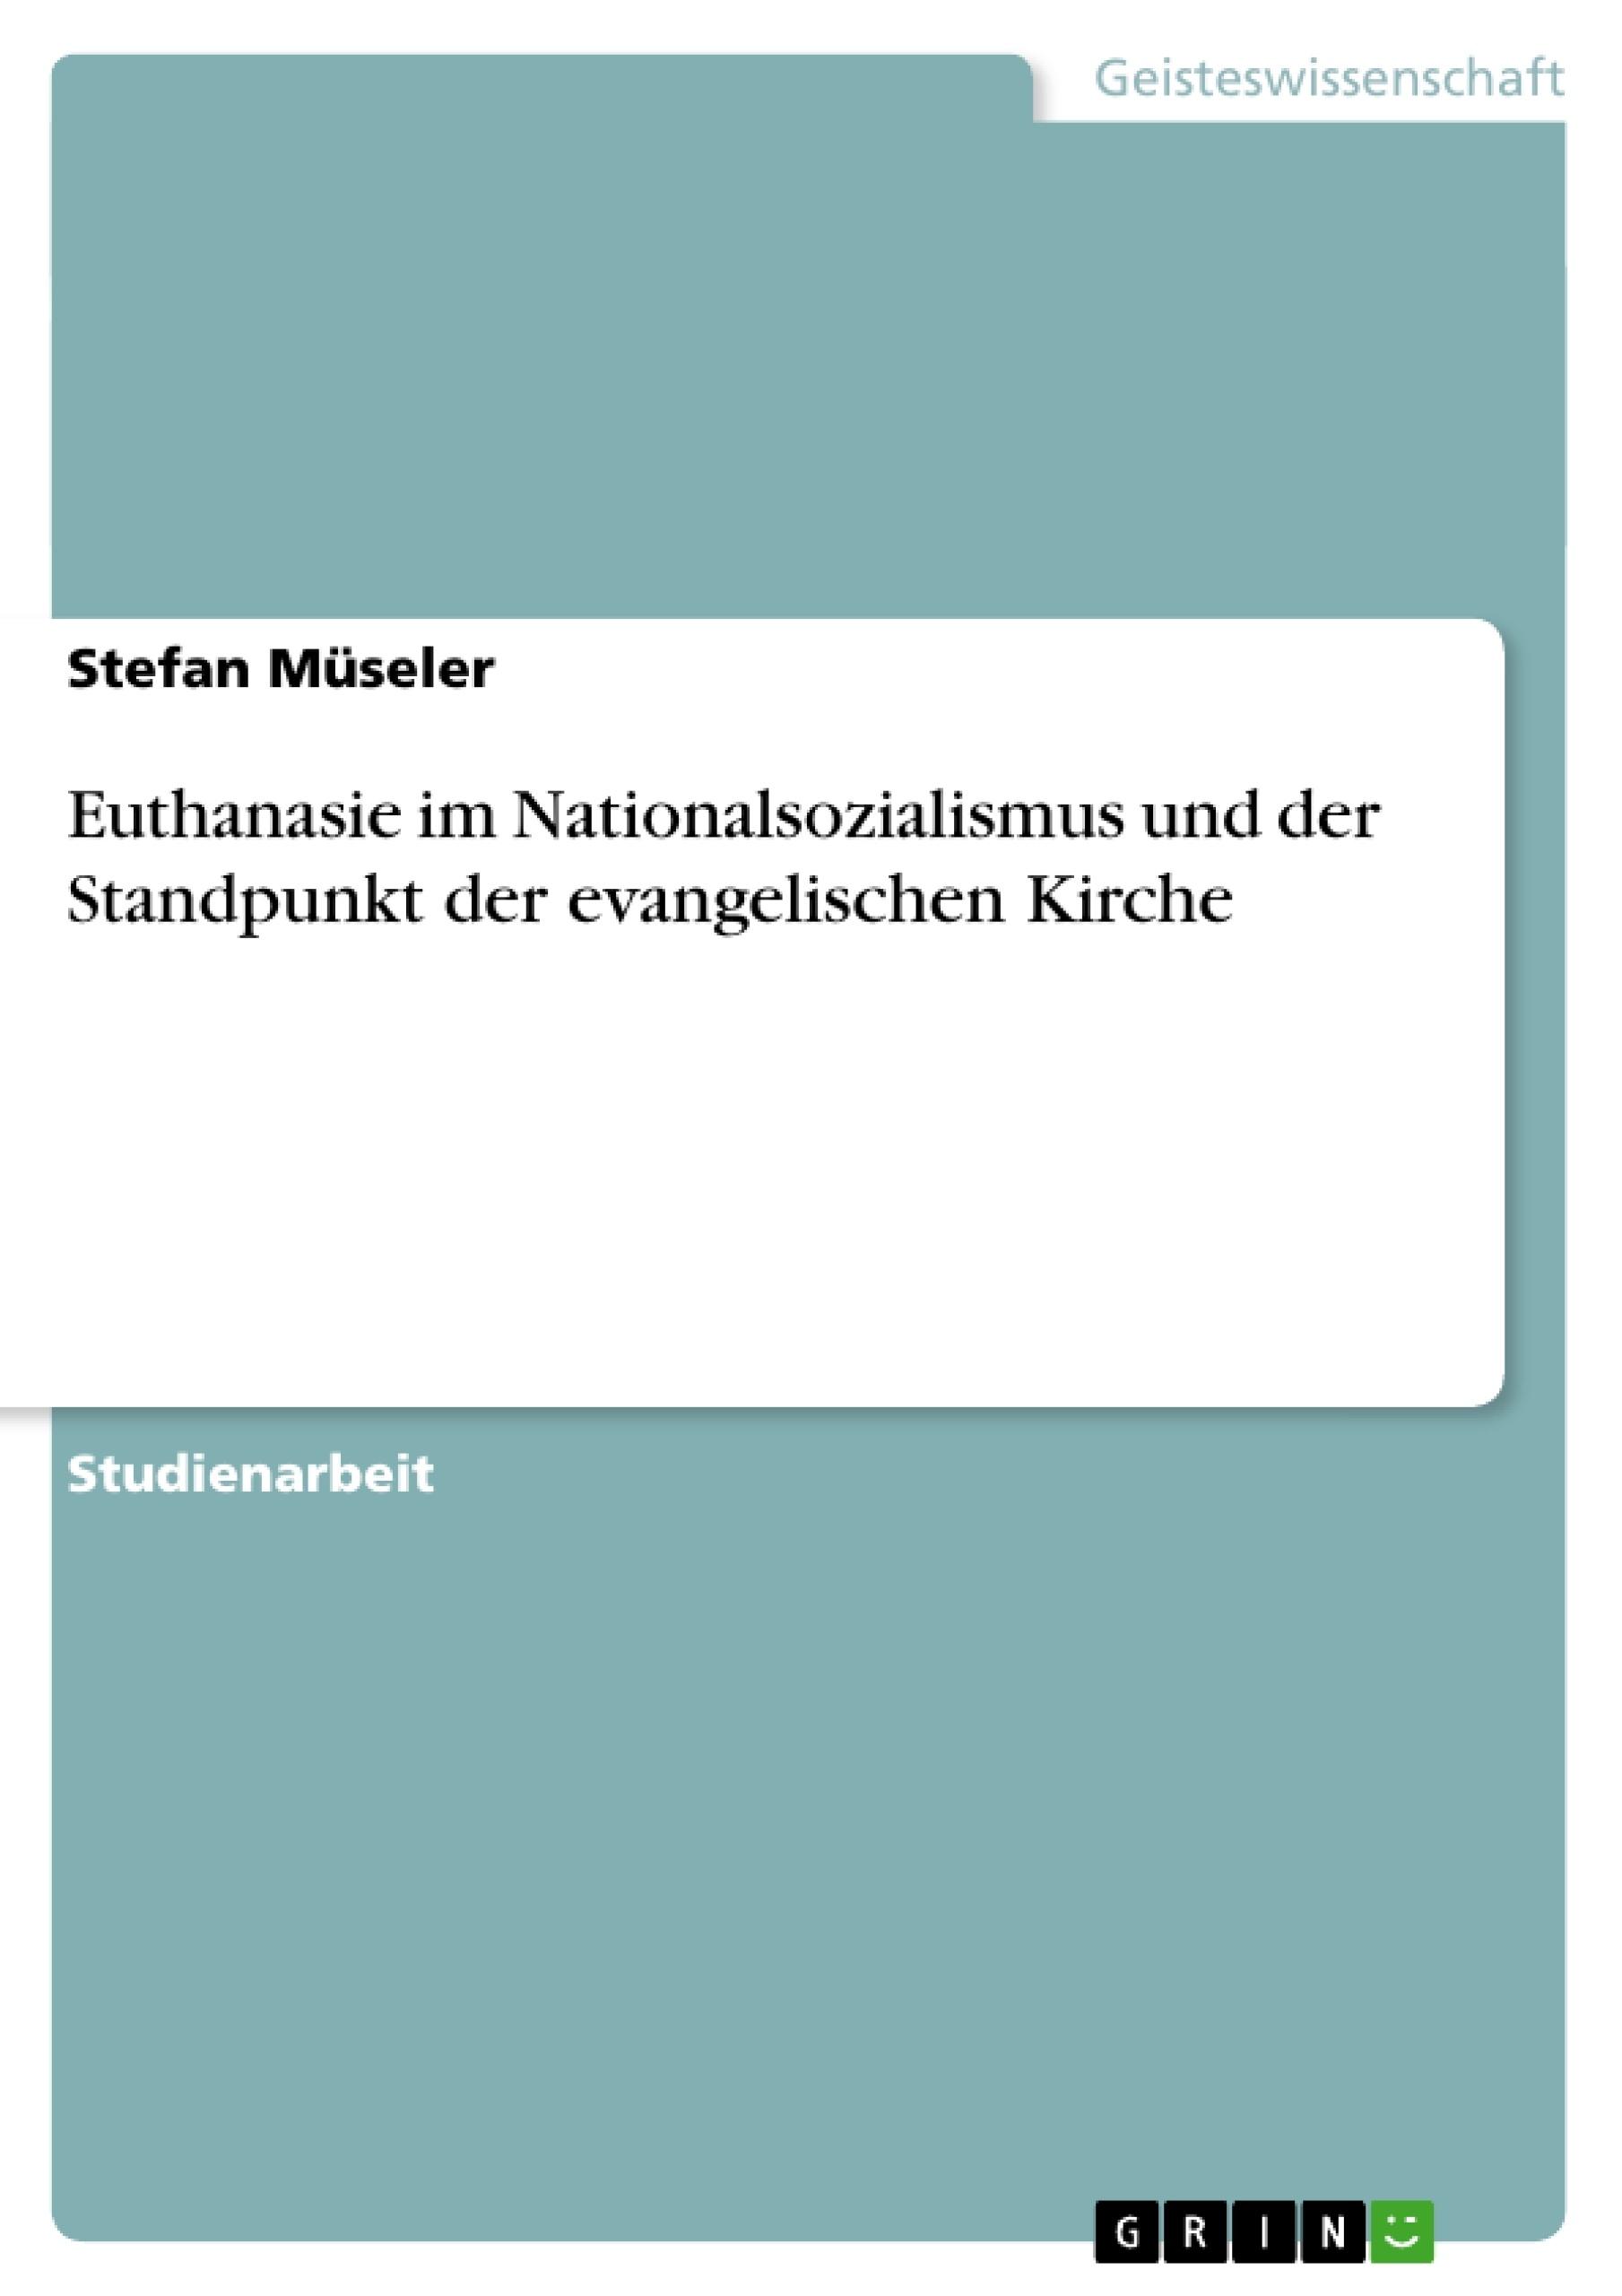 Titel: Euthanasie im Nationalsozialismus und der Standpunkt der evangelischen Kirche